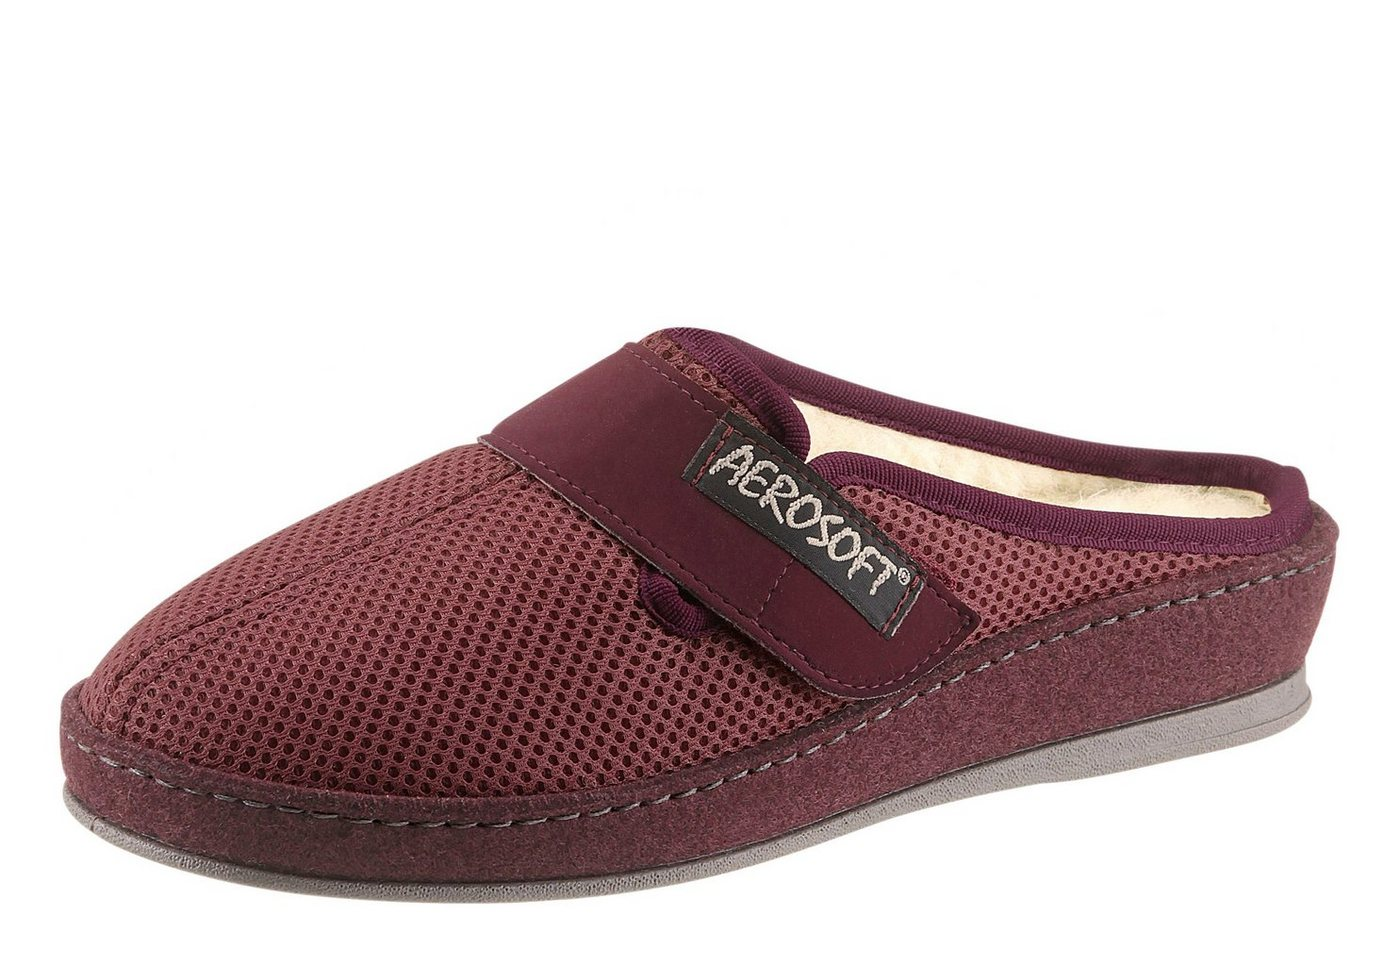 Aerosoft Pantoffel mit flexibler und rutschhemmender PVC-Laufsohle   Schuhe > Hausschuhe > Pantoffeln   Rot   Schurwolle - Pvc   aerosoft